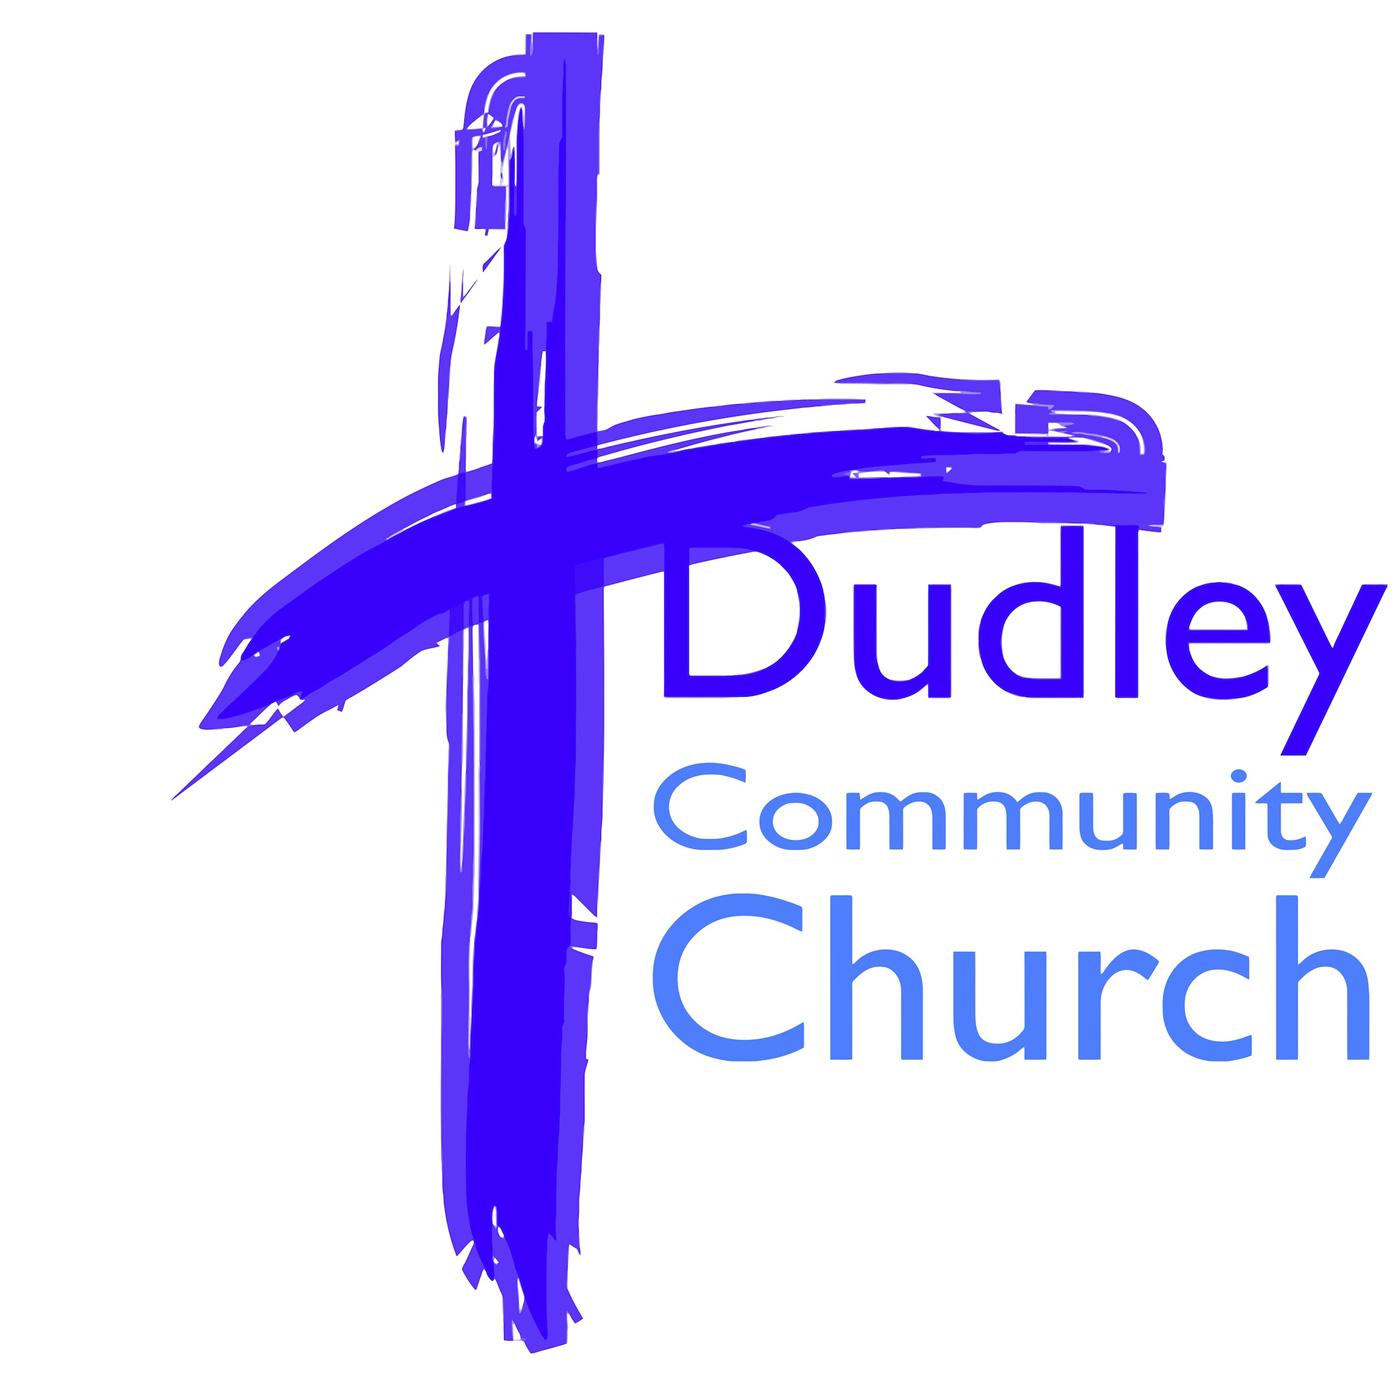 Dudley Community Church